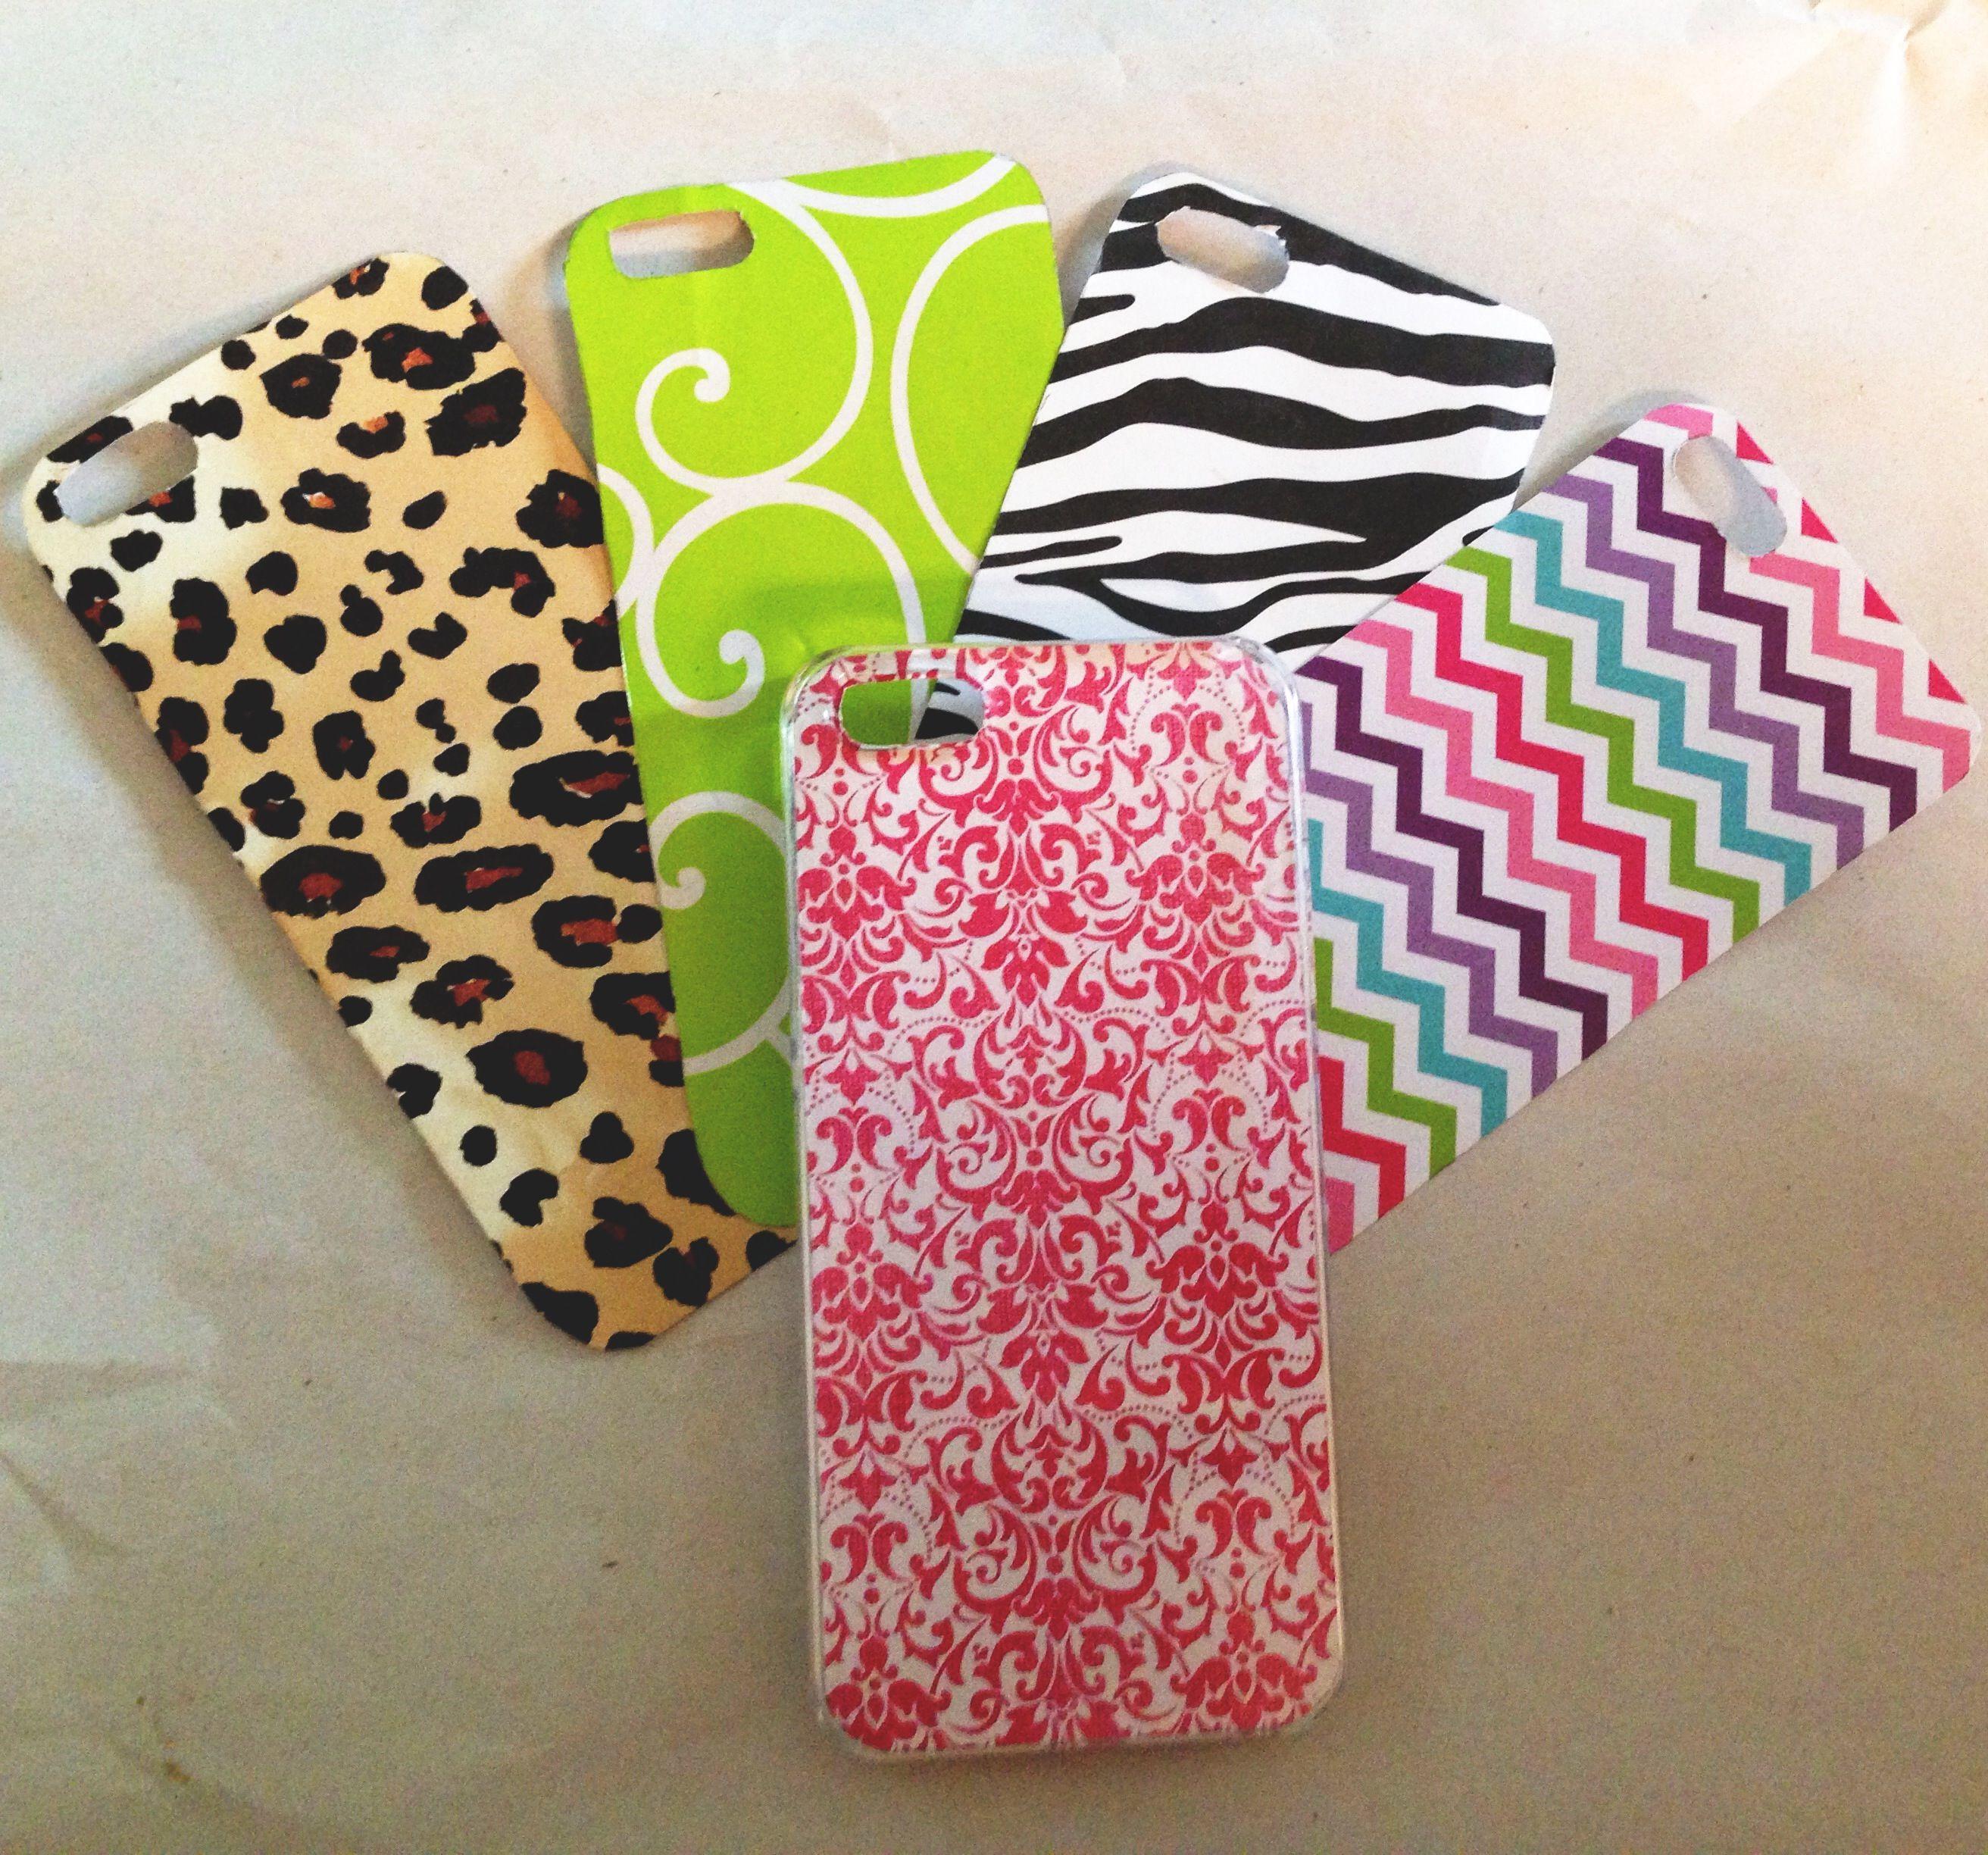 Scrapbook paper diy - Diy Phone Case Clear Iphone Case With Pretty Scrapbook Paper So Easy And Cheap